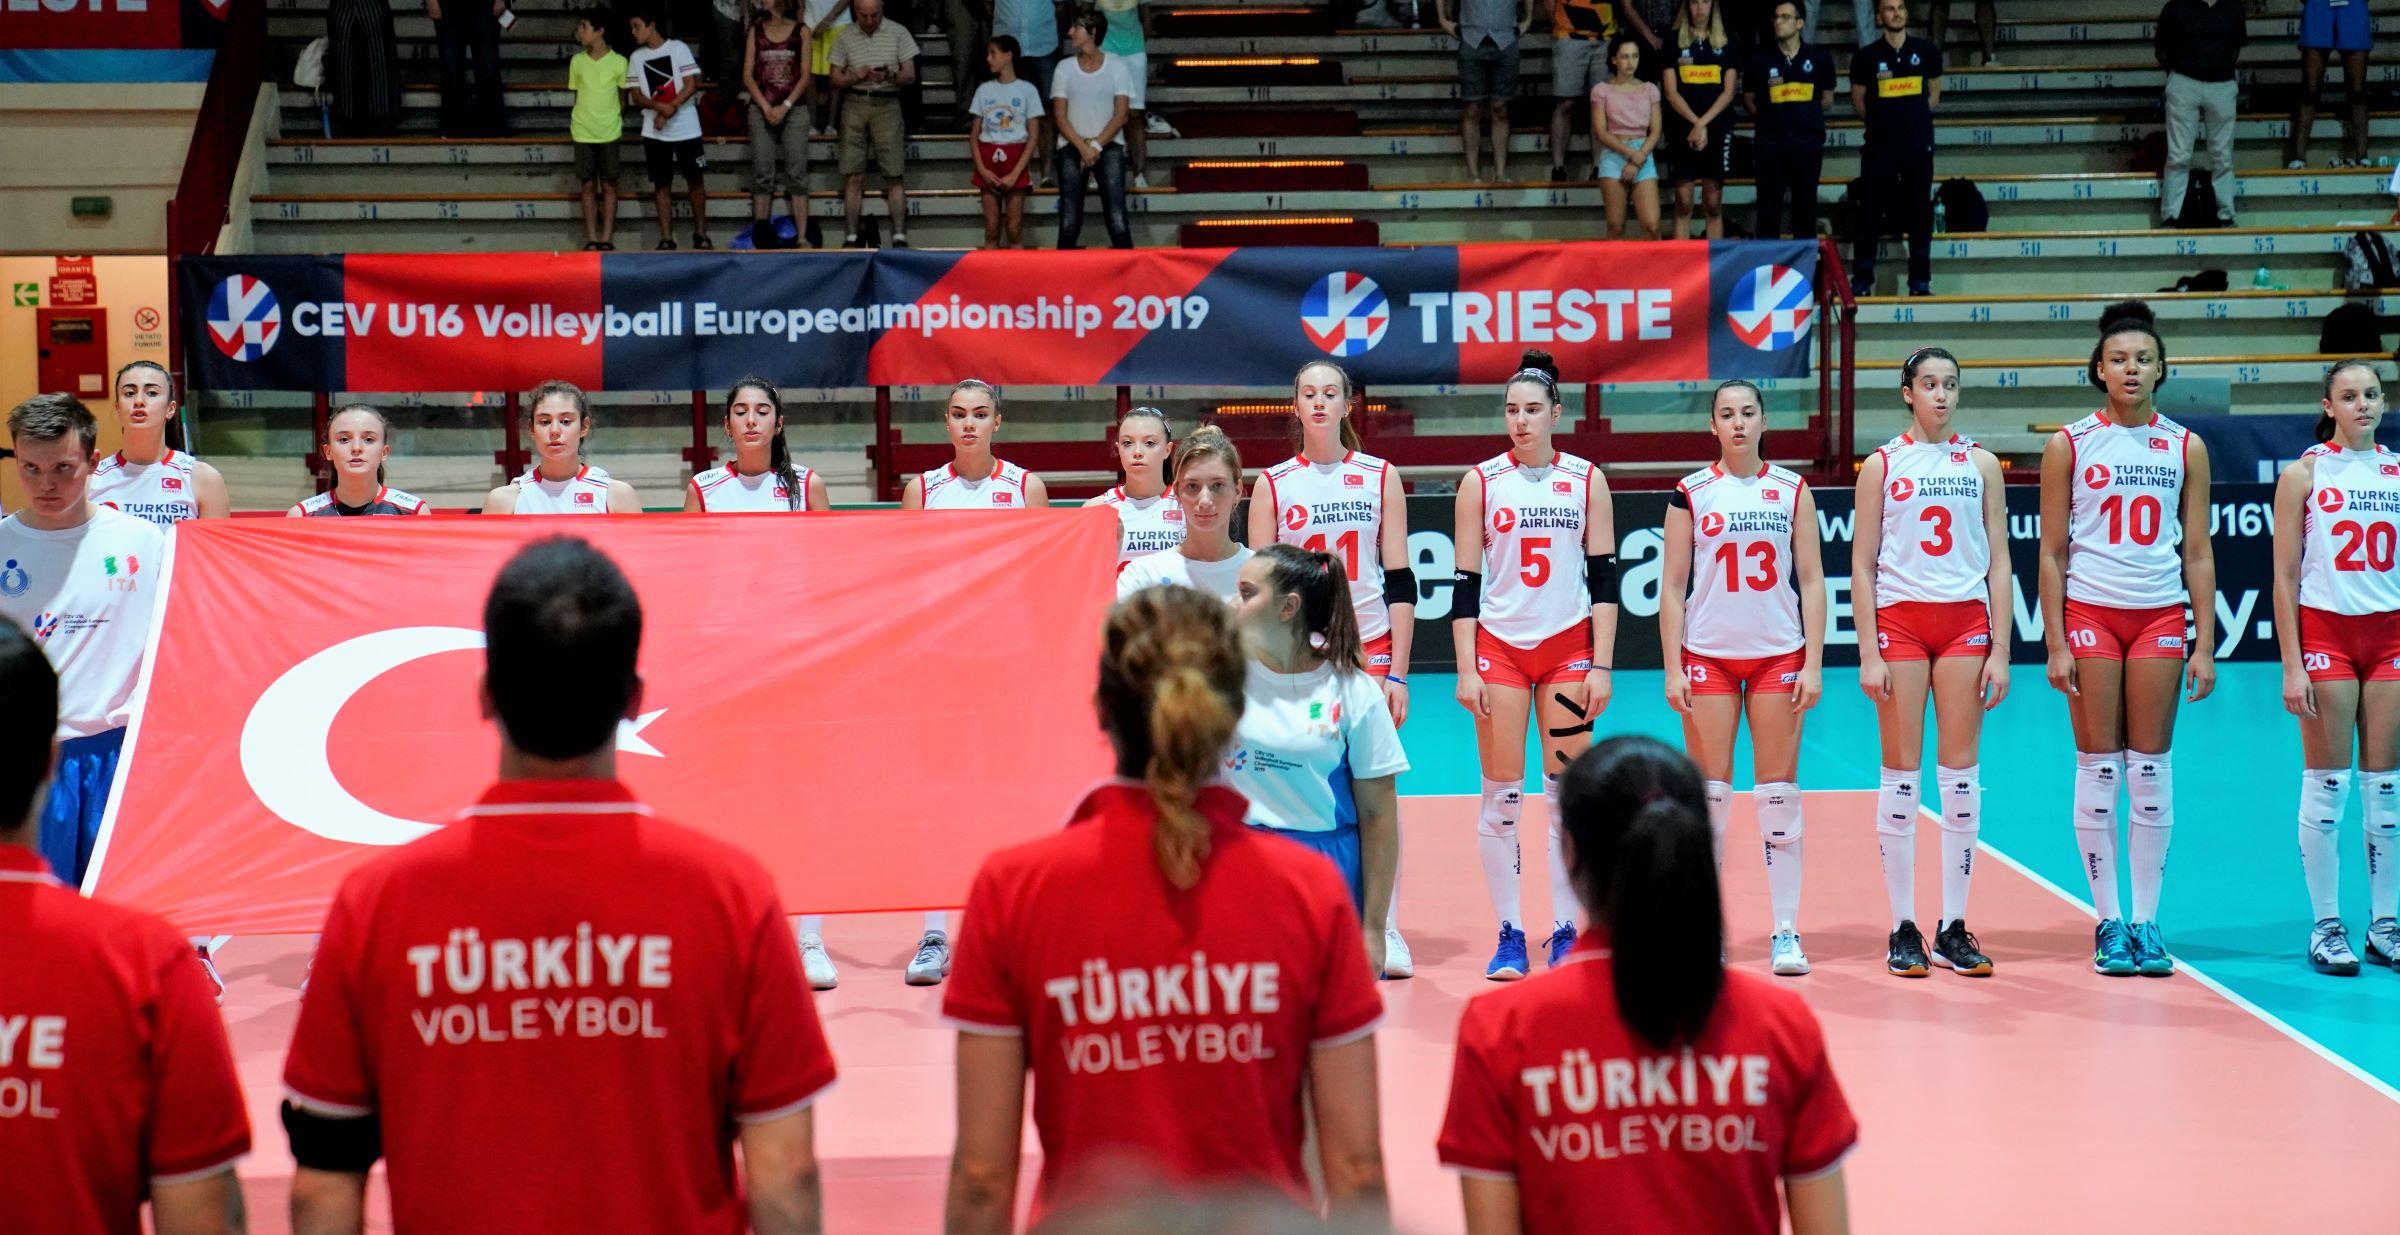 U16 Küçük Kız Milli Takımımız, Avrupa Şampiyonası'nda